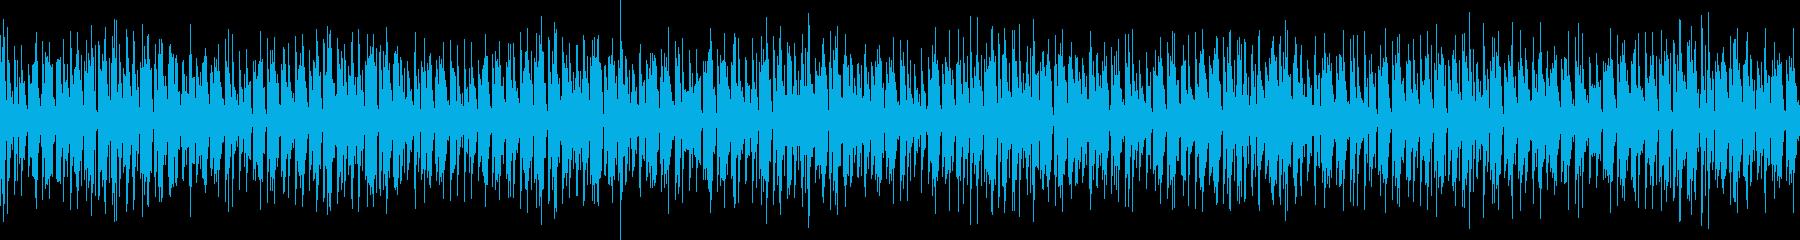 スペースディスコなハウスのループ音源の再生済みの波形